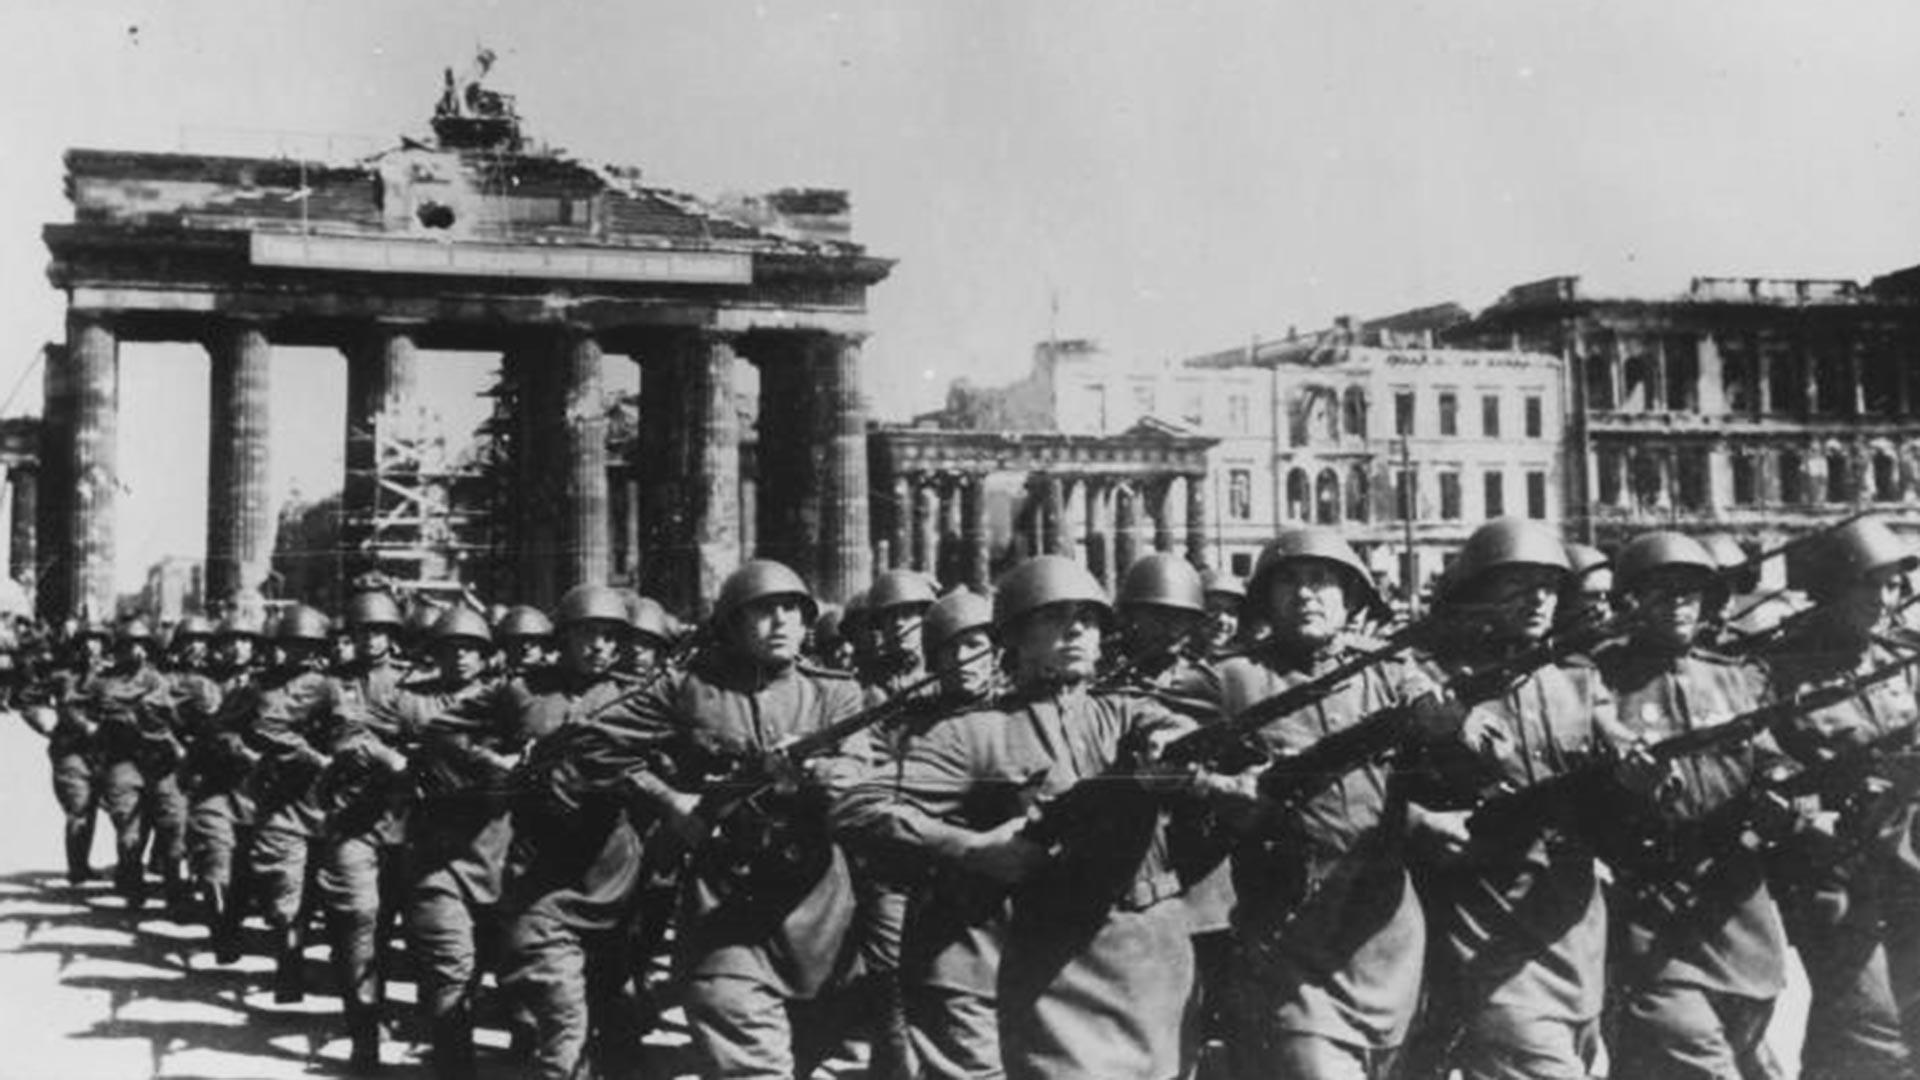 Sowjetische Truppen während der Siegesparade der Alliierten in Berlin.